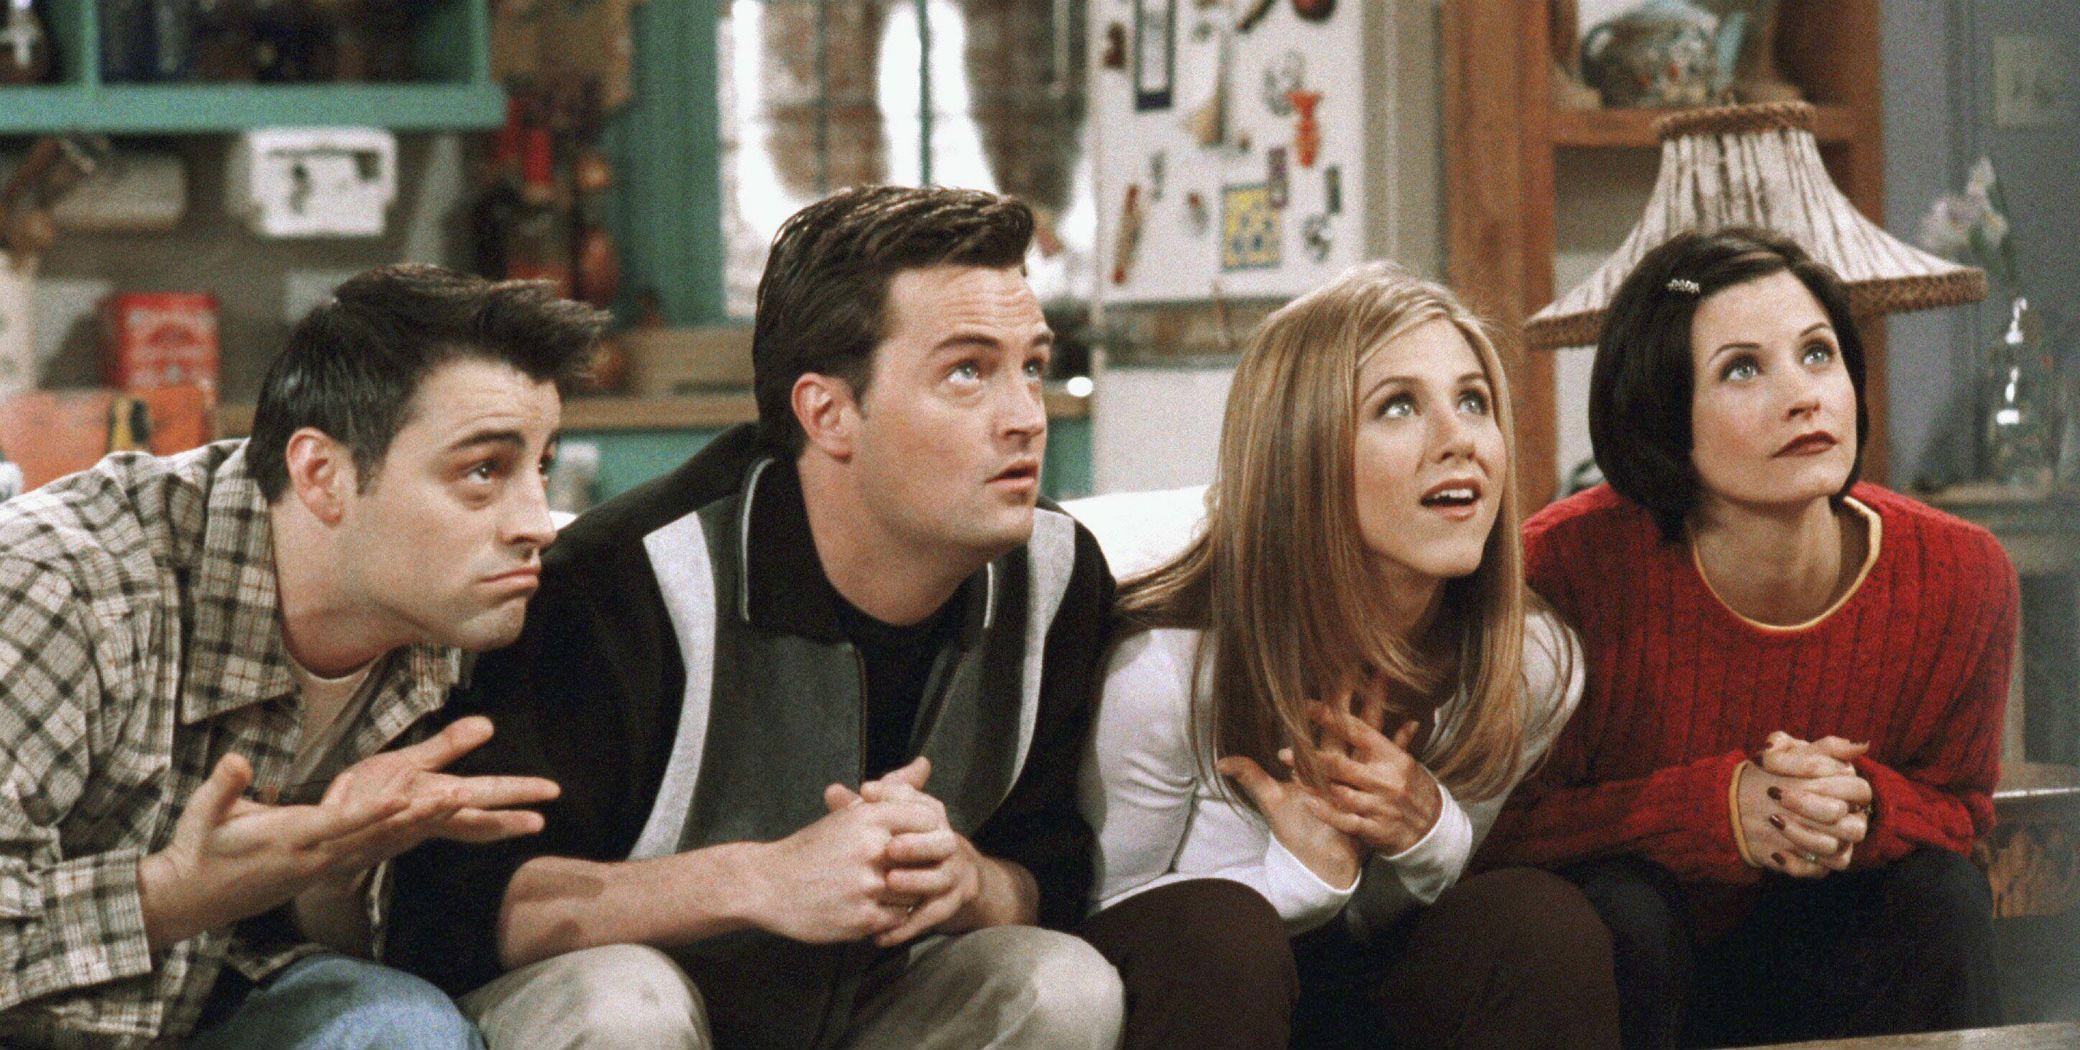 بازیگران سریال Friends برای حضور در اپیزود ویژهی HBO چهقدر پول میگیرند؟